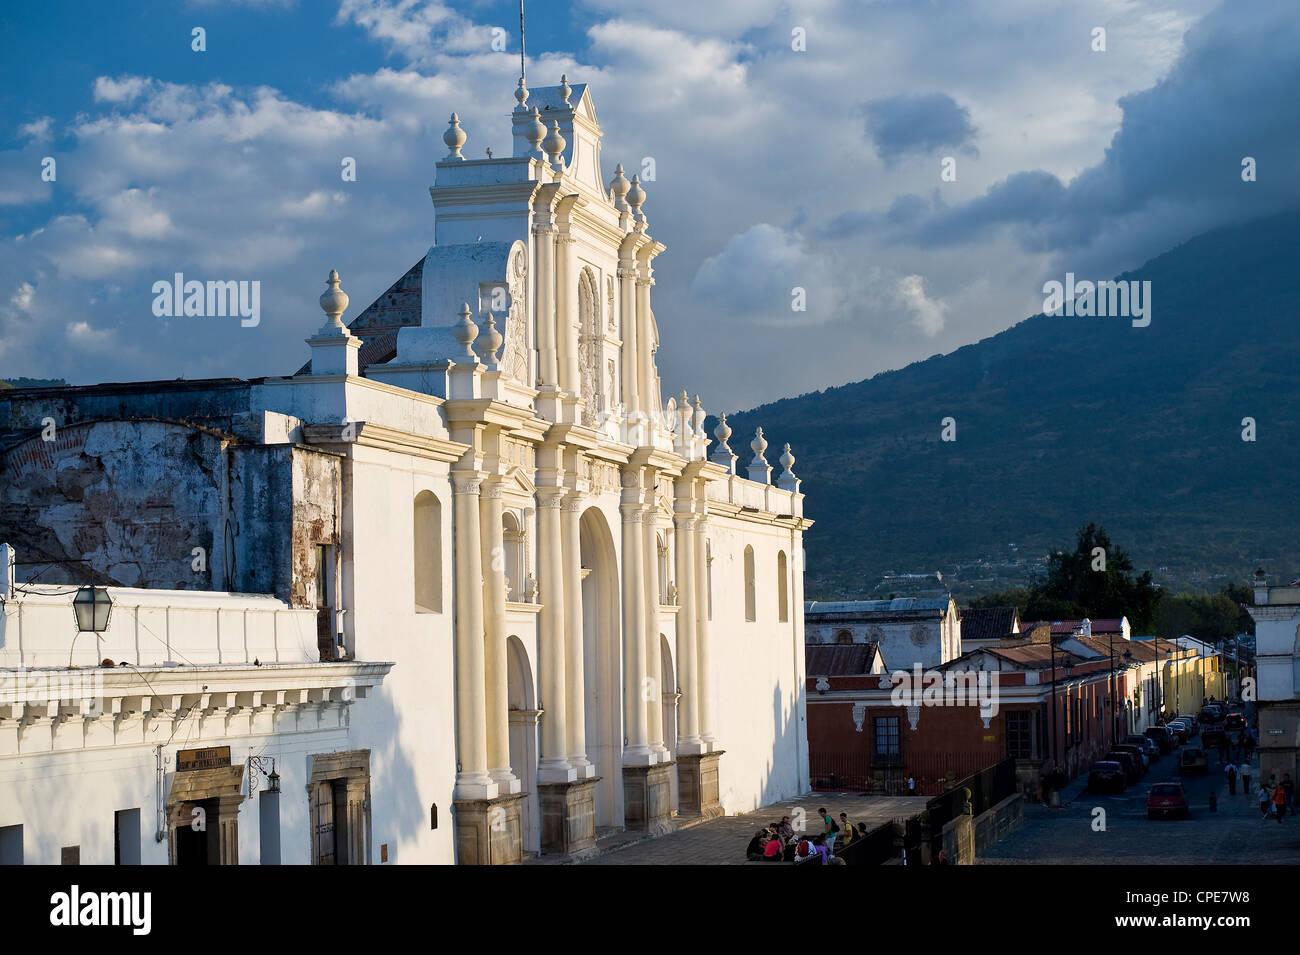 Catedral de San José, Sitio del Patrimonio Mundial de la UNESCO, en Antigua, Guatemala, América Central Imagen De Stock